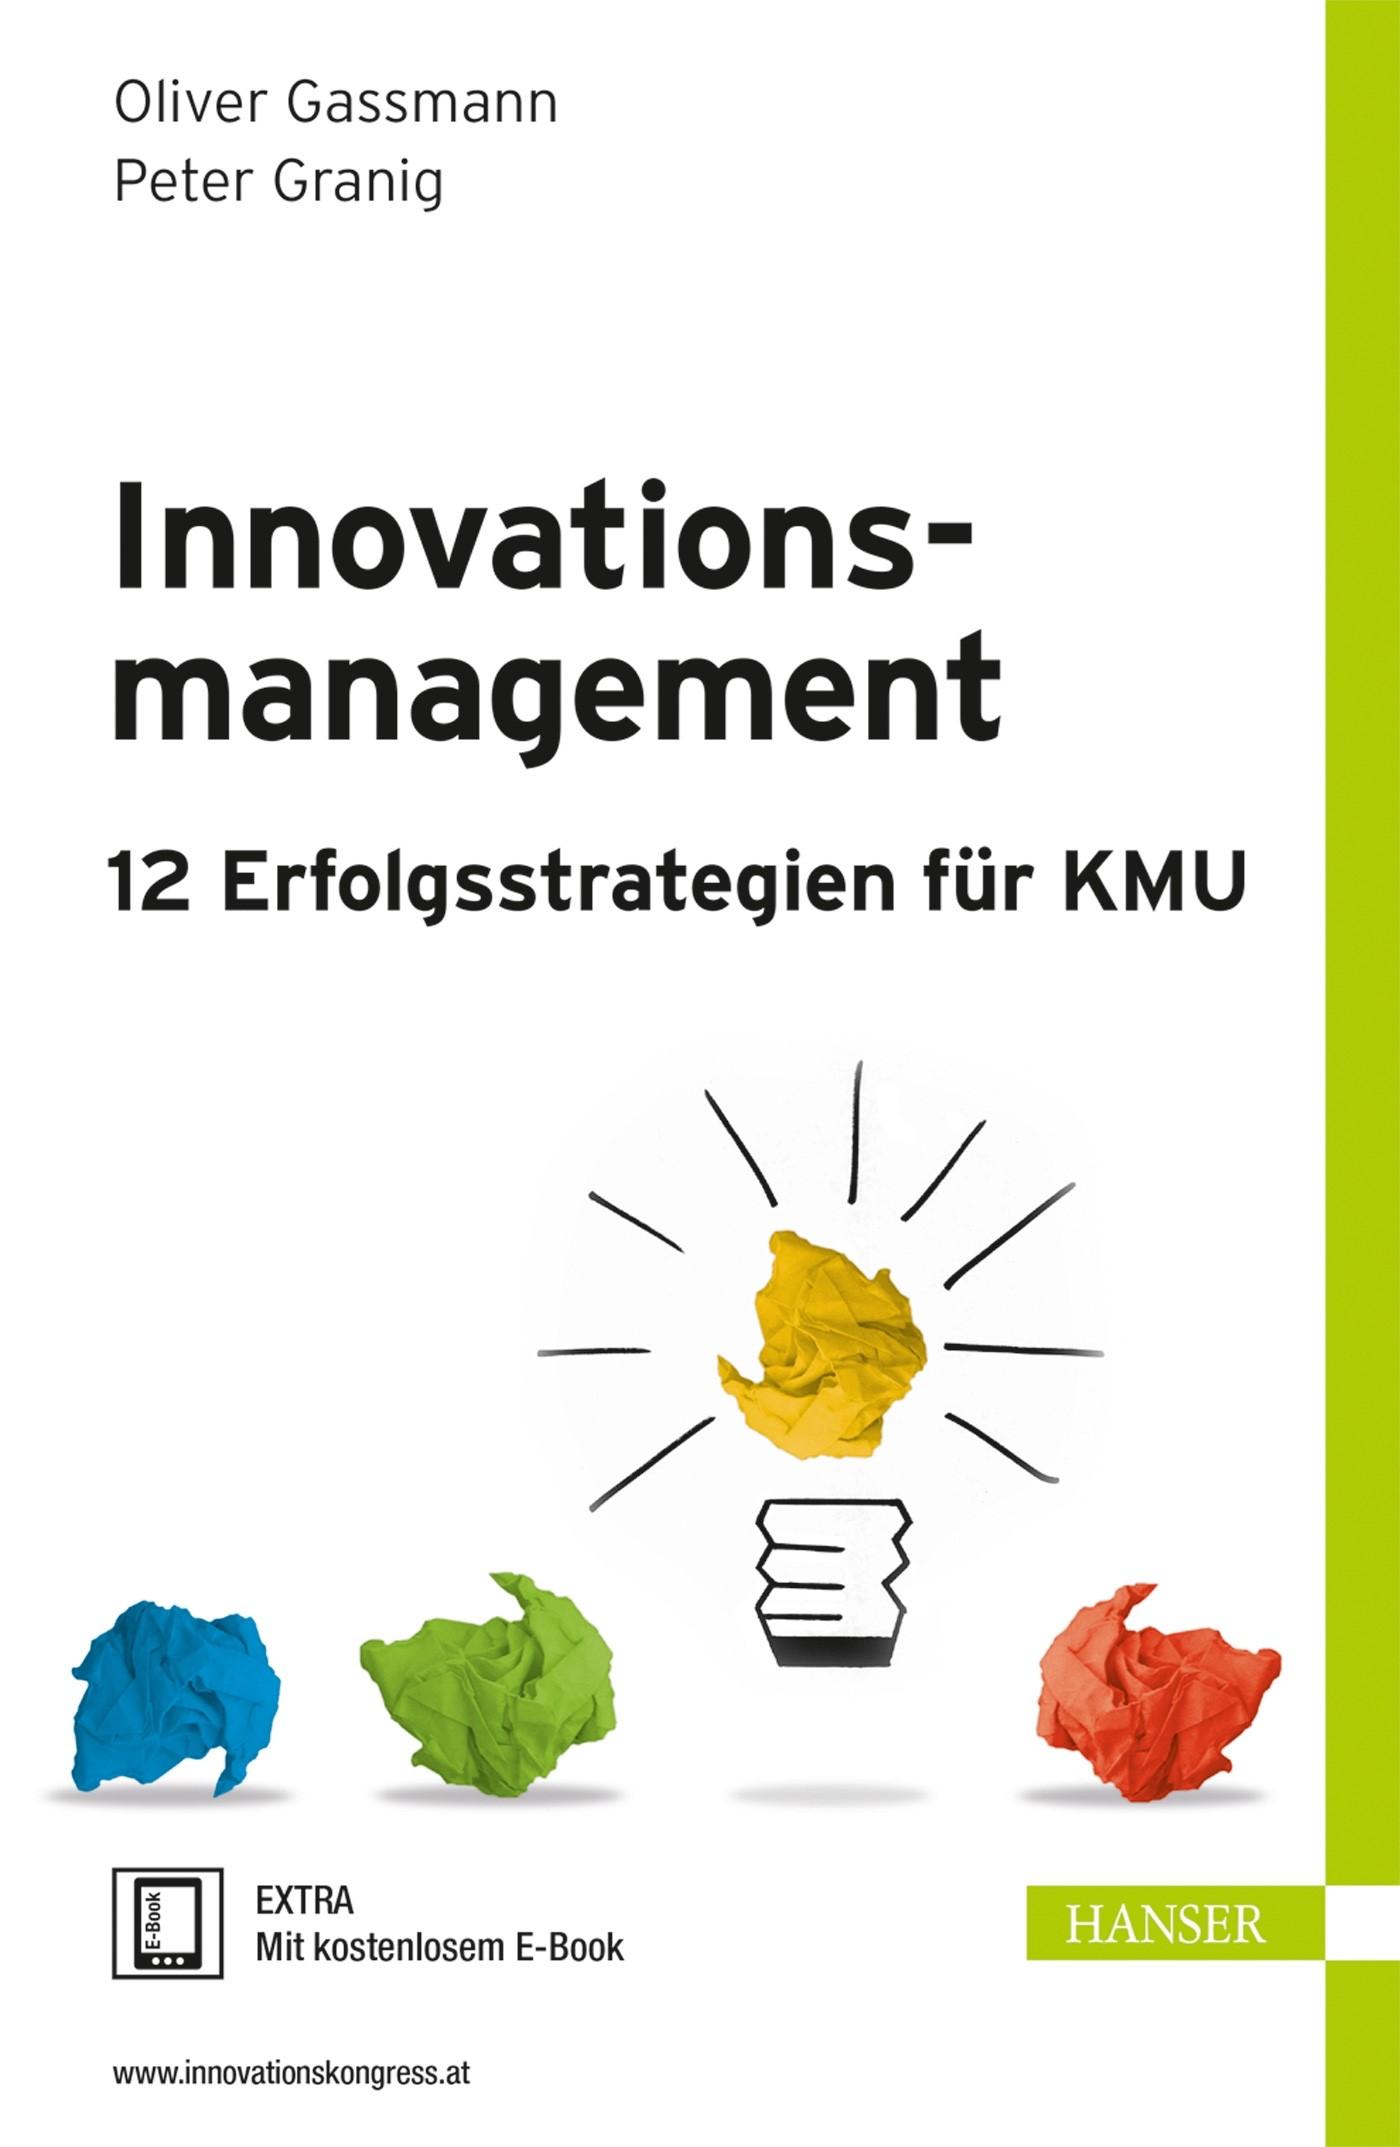 Abbildung von Gassmann / Granig | Innovationsmanagement – 12 Erfolgsstrategien für KMU | 1. Auflage 2013 | 2013